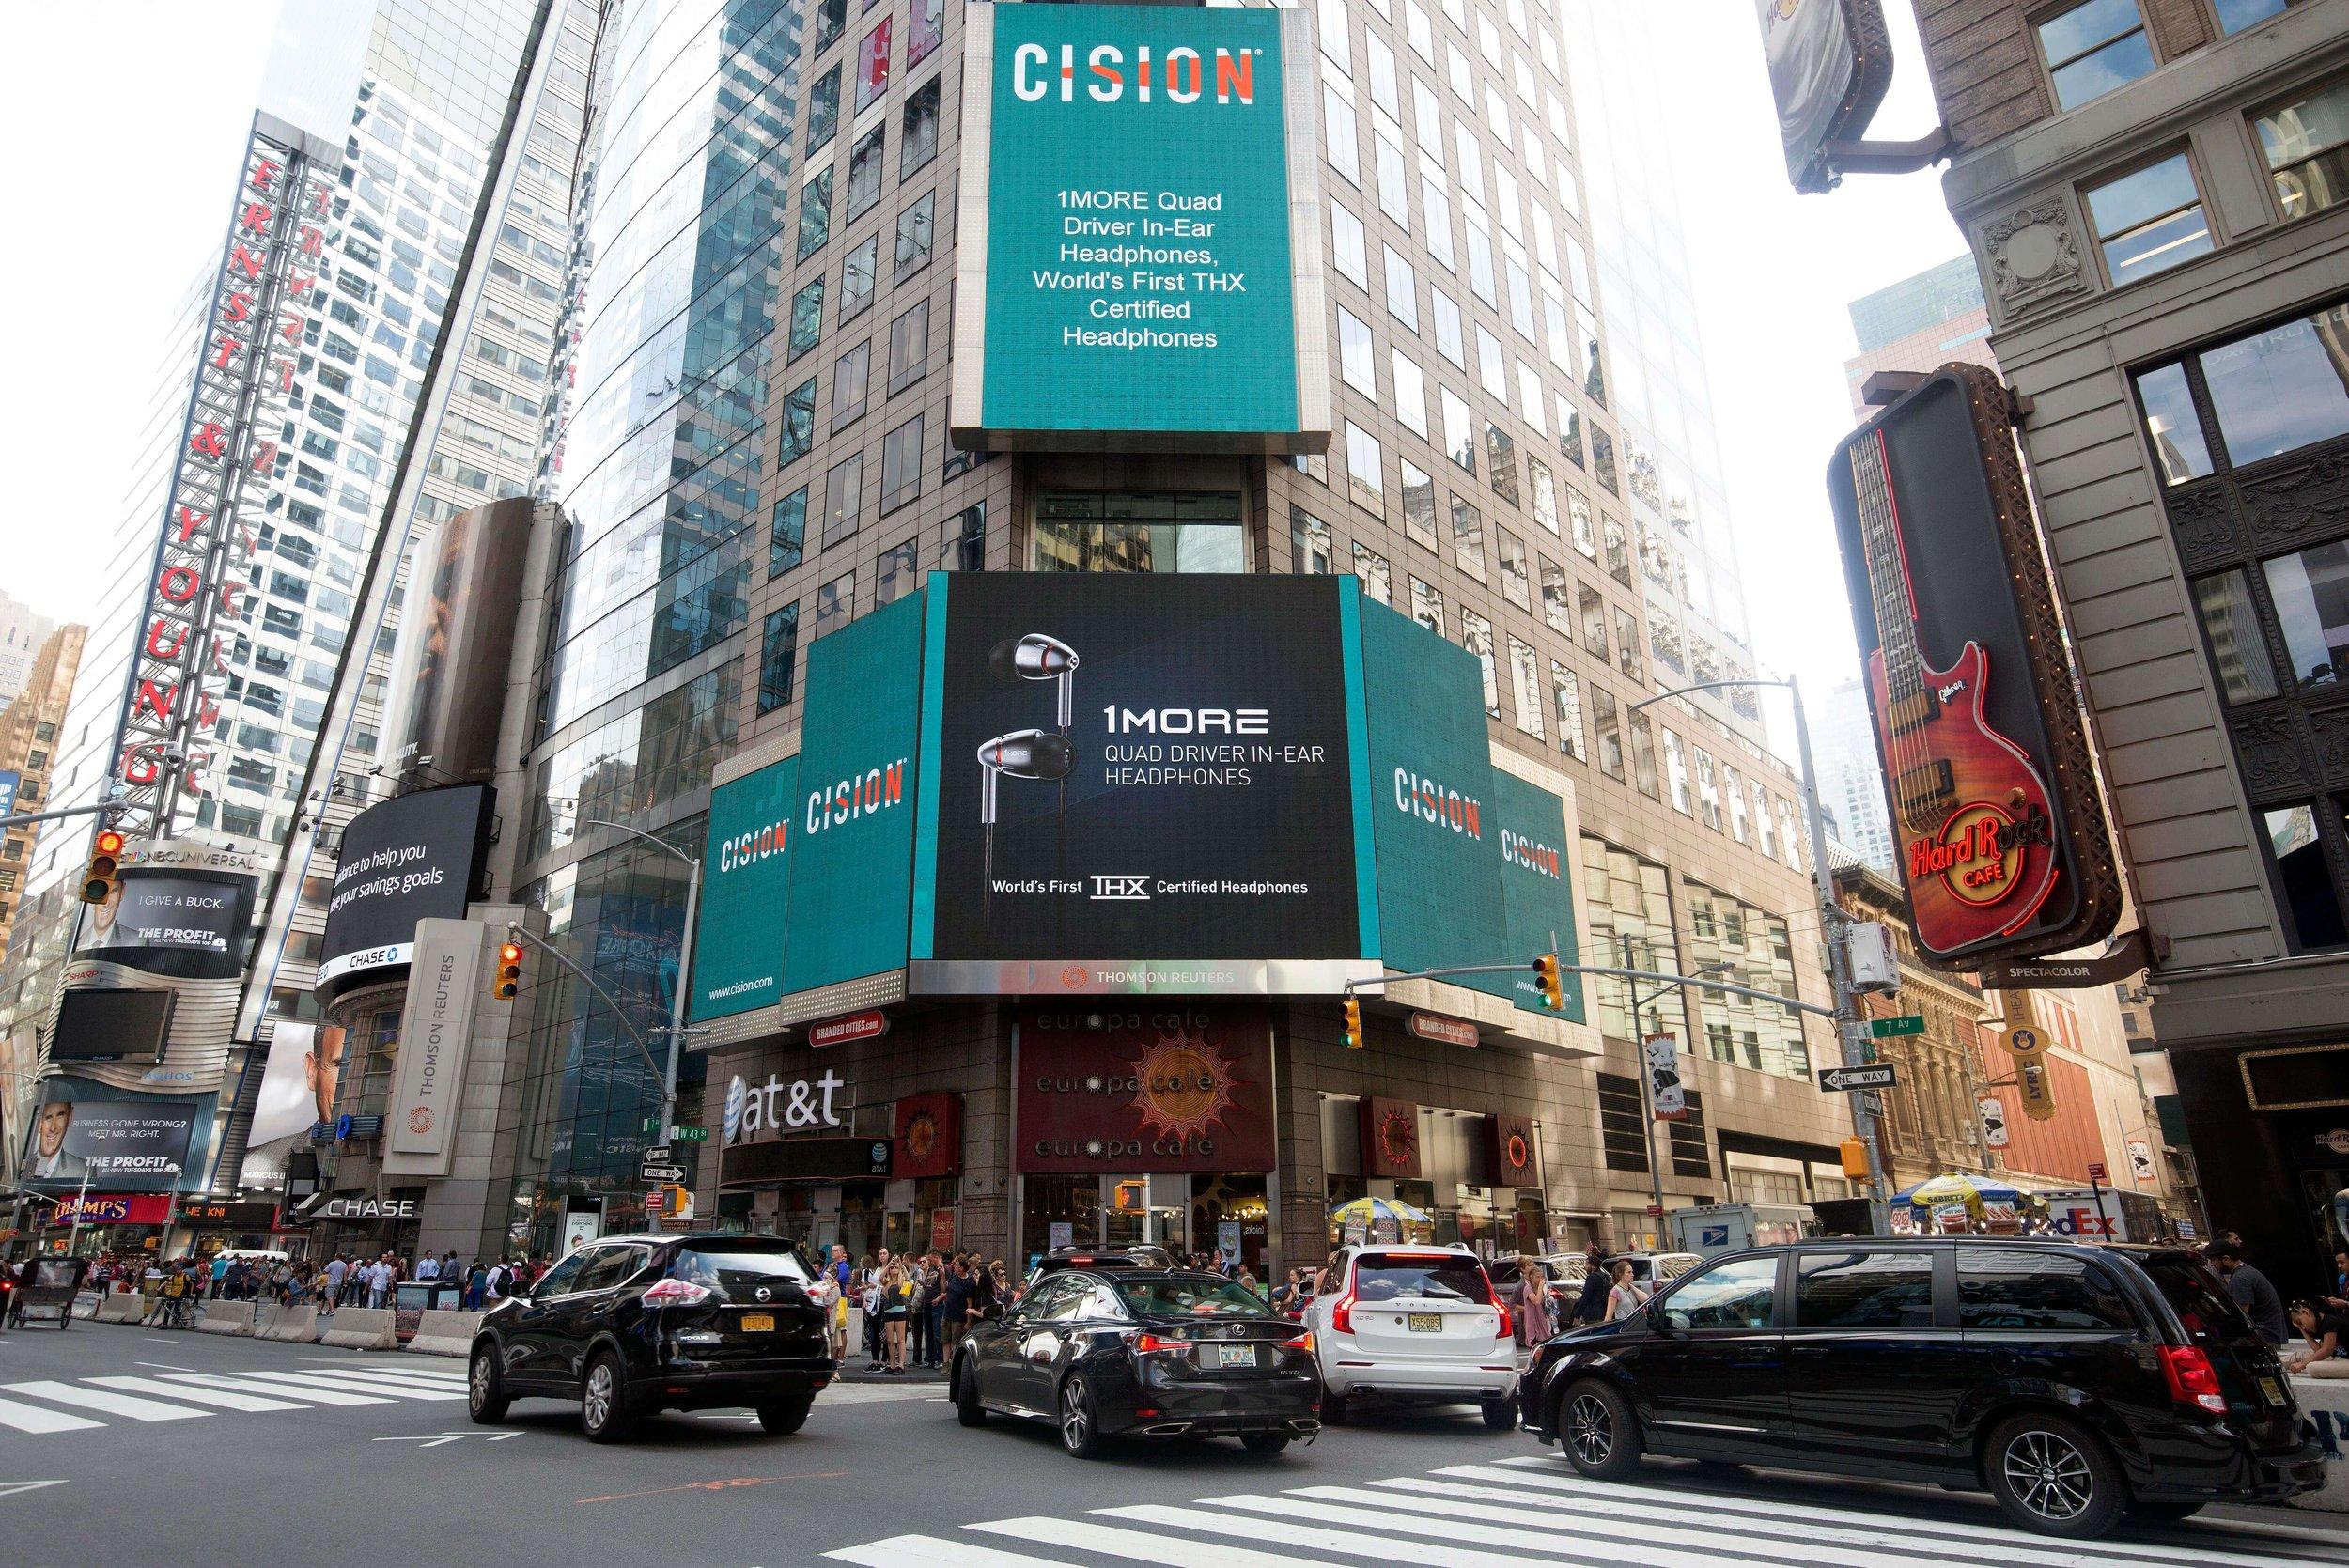 1MORE Times Square.jpeg